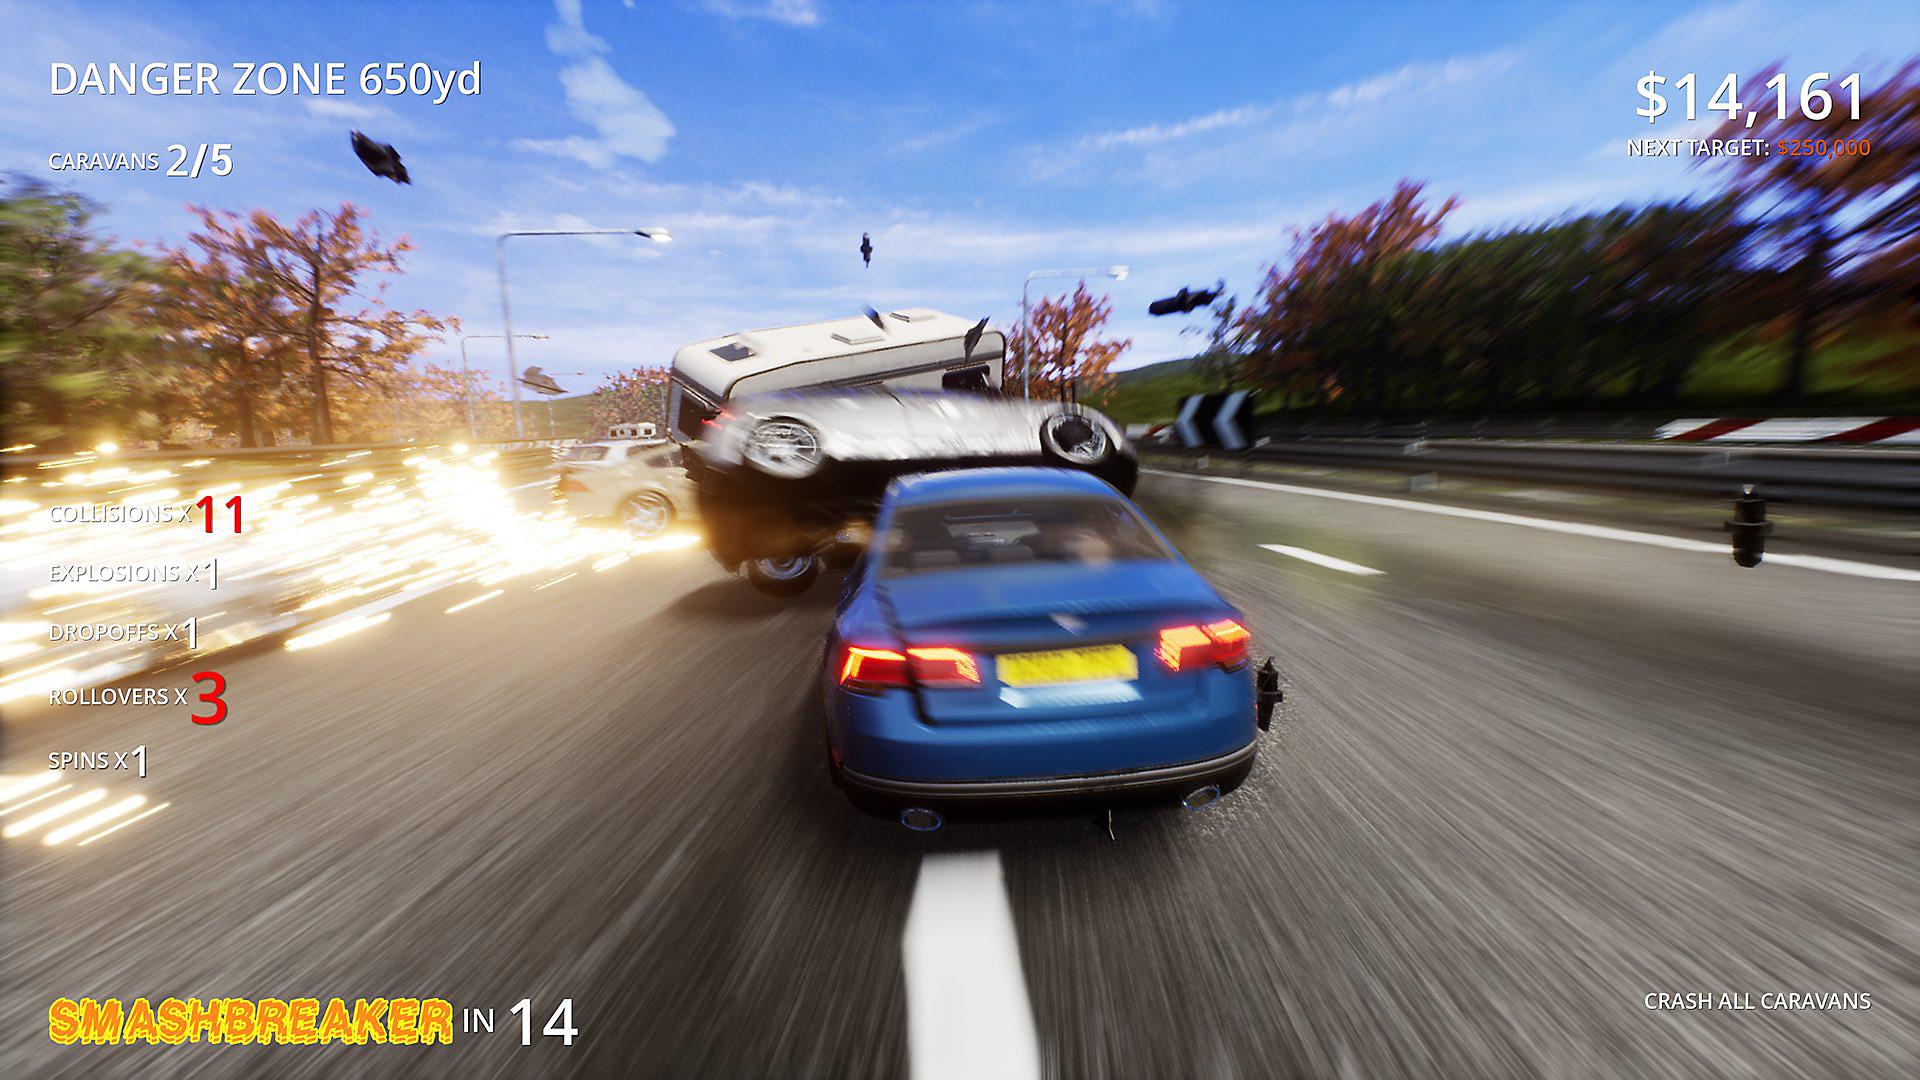 Accidents will Happen - Dangerous Driving Crash Mode Bundle